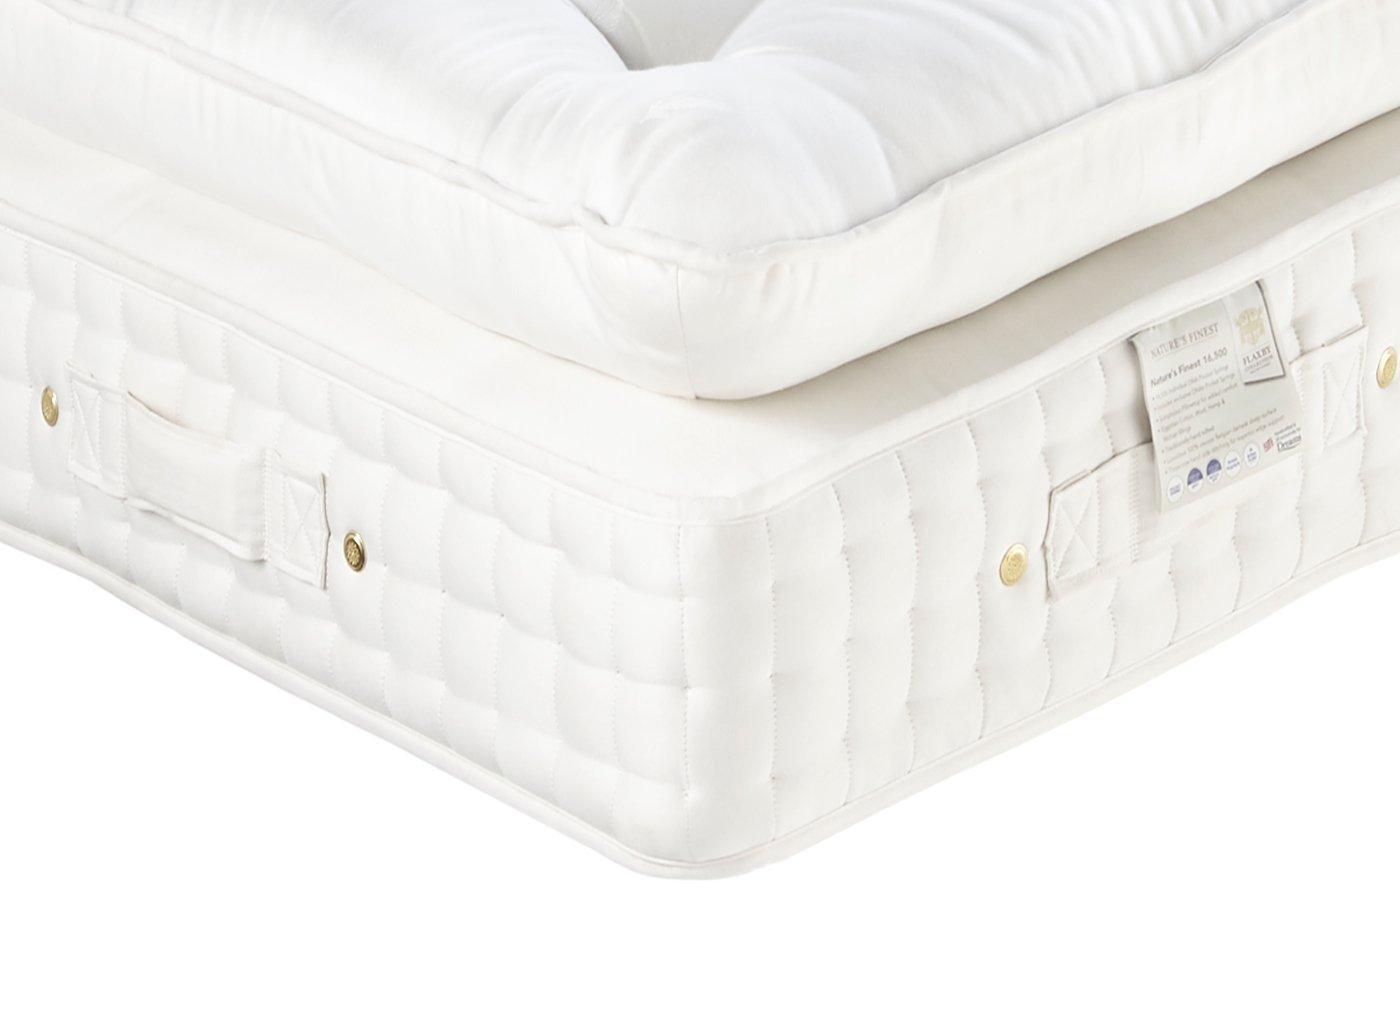 Flaxby Natures Finest 16500 Dnair Mattress - Soft / Medium Soft 6'0 Super king